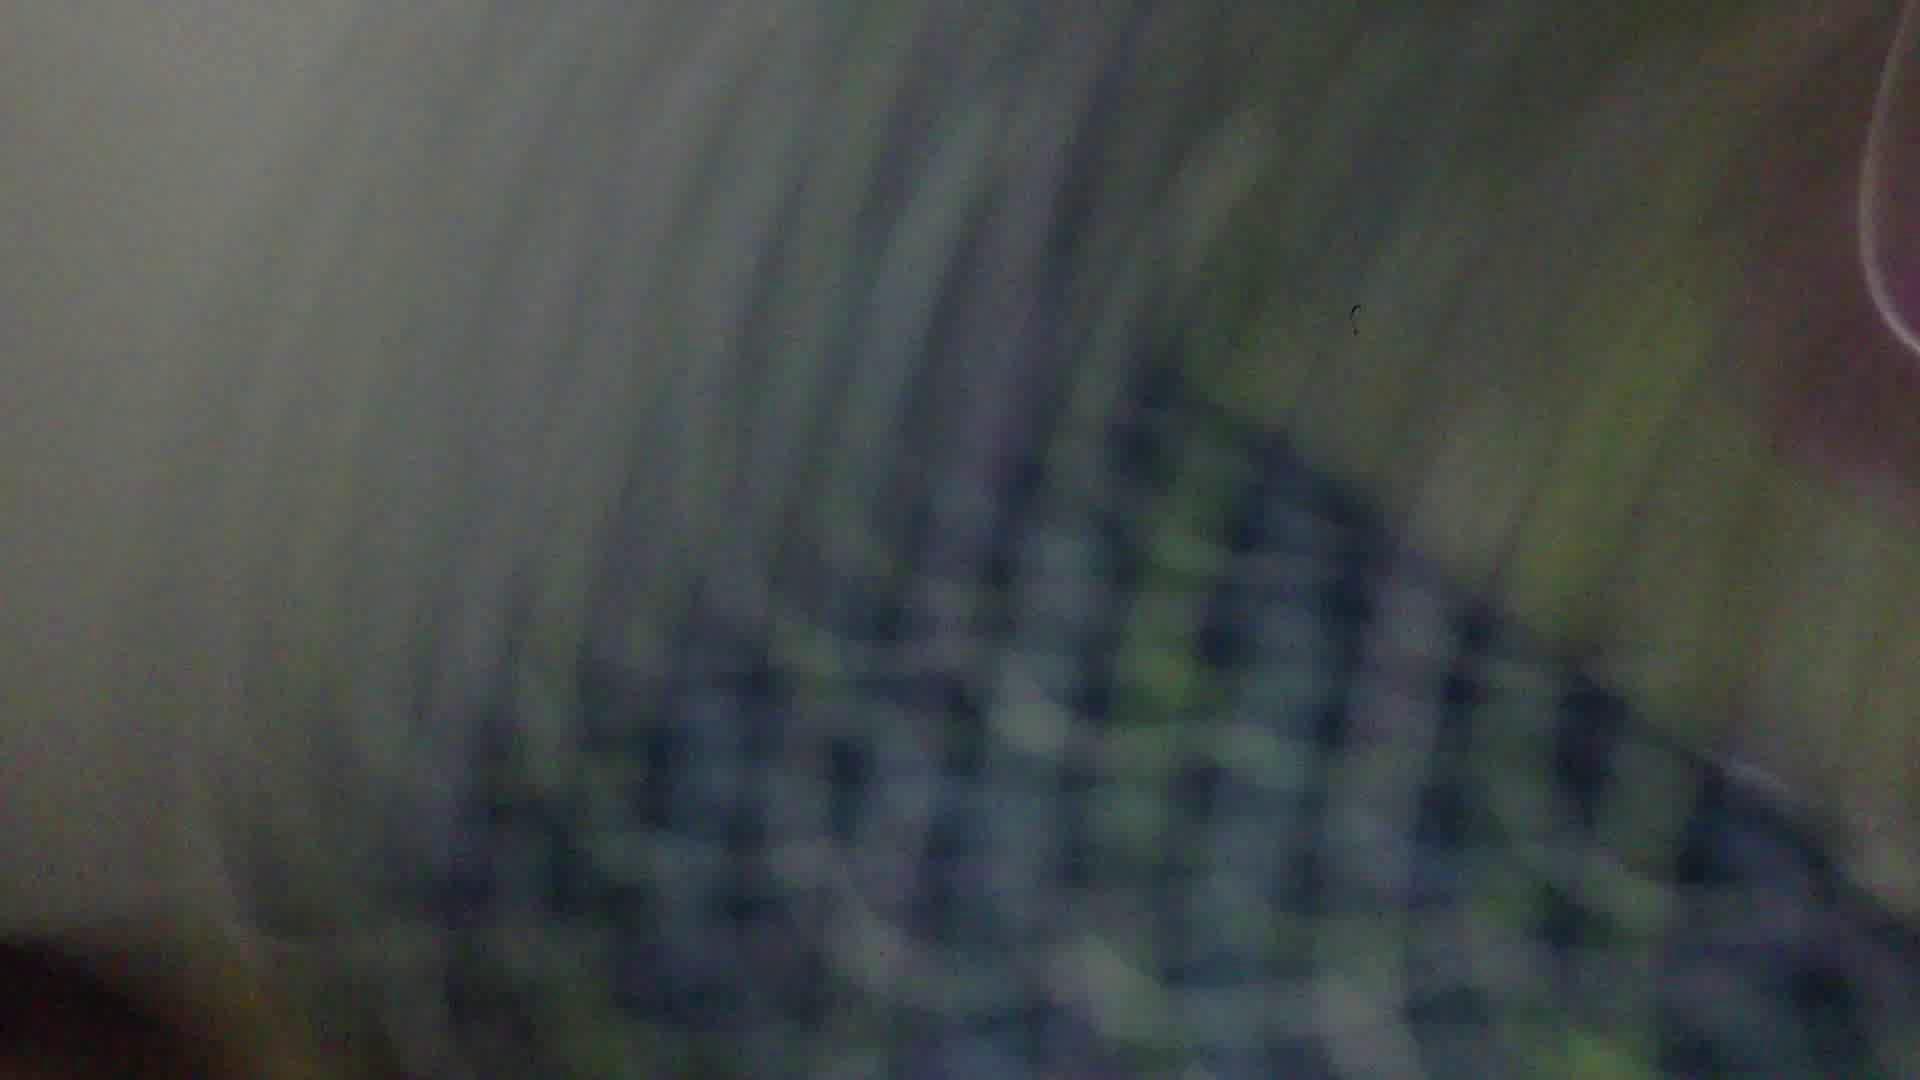 上級者の方専用 vol.03 OLのエロ生活  68連発 2